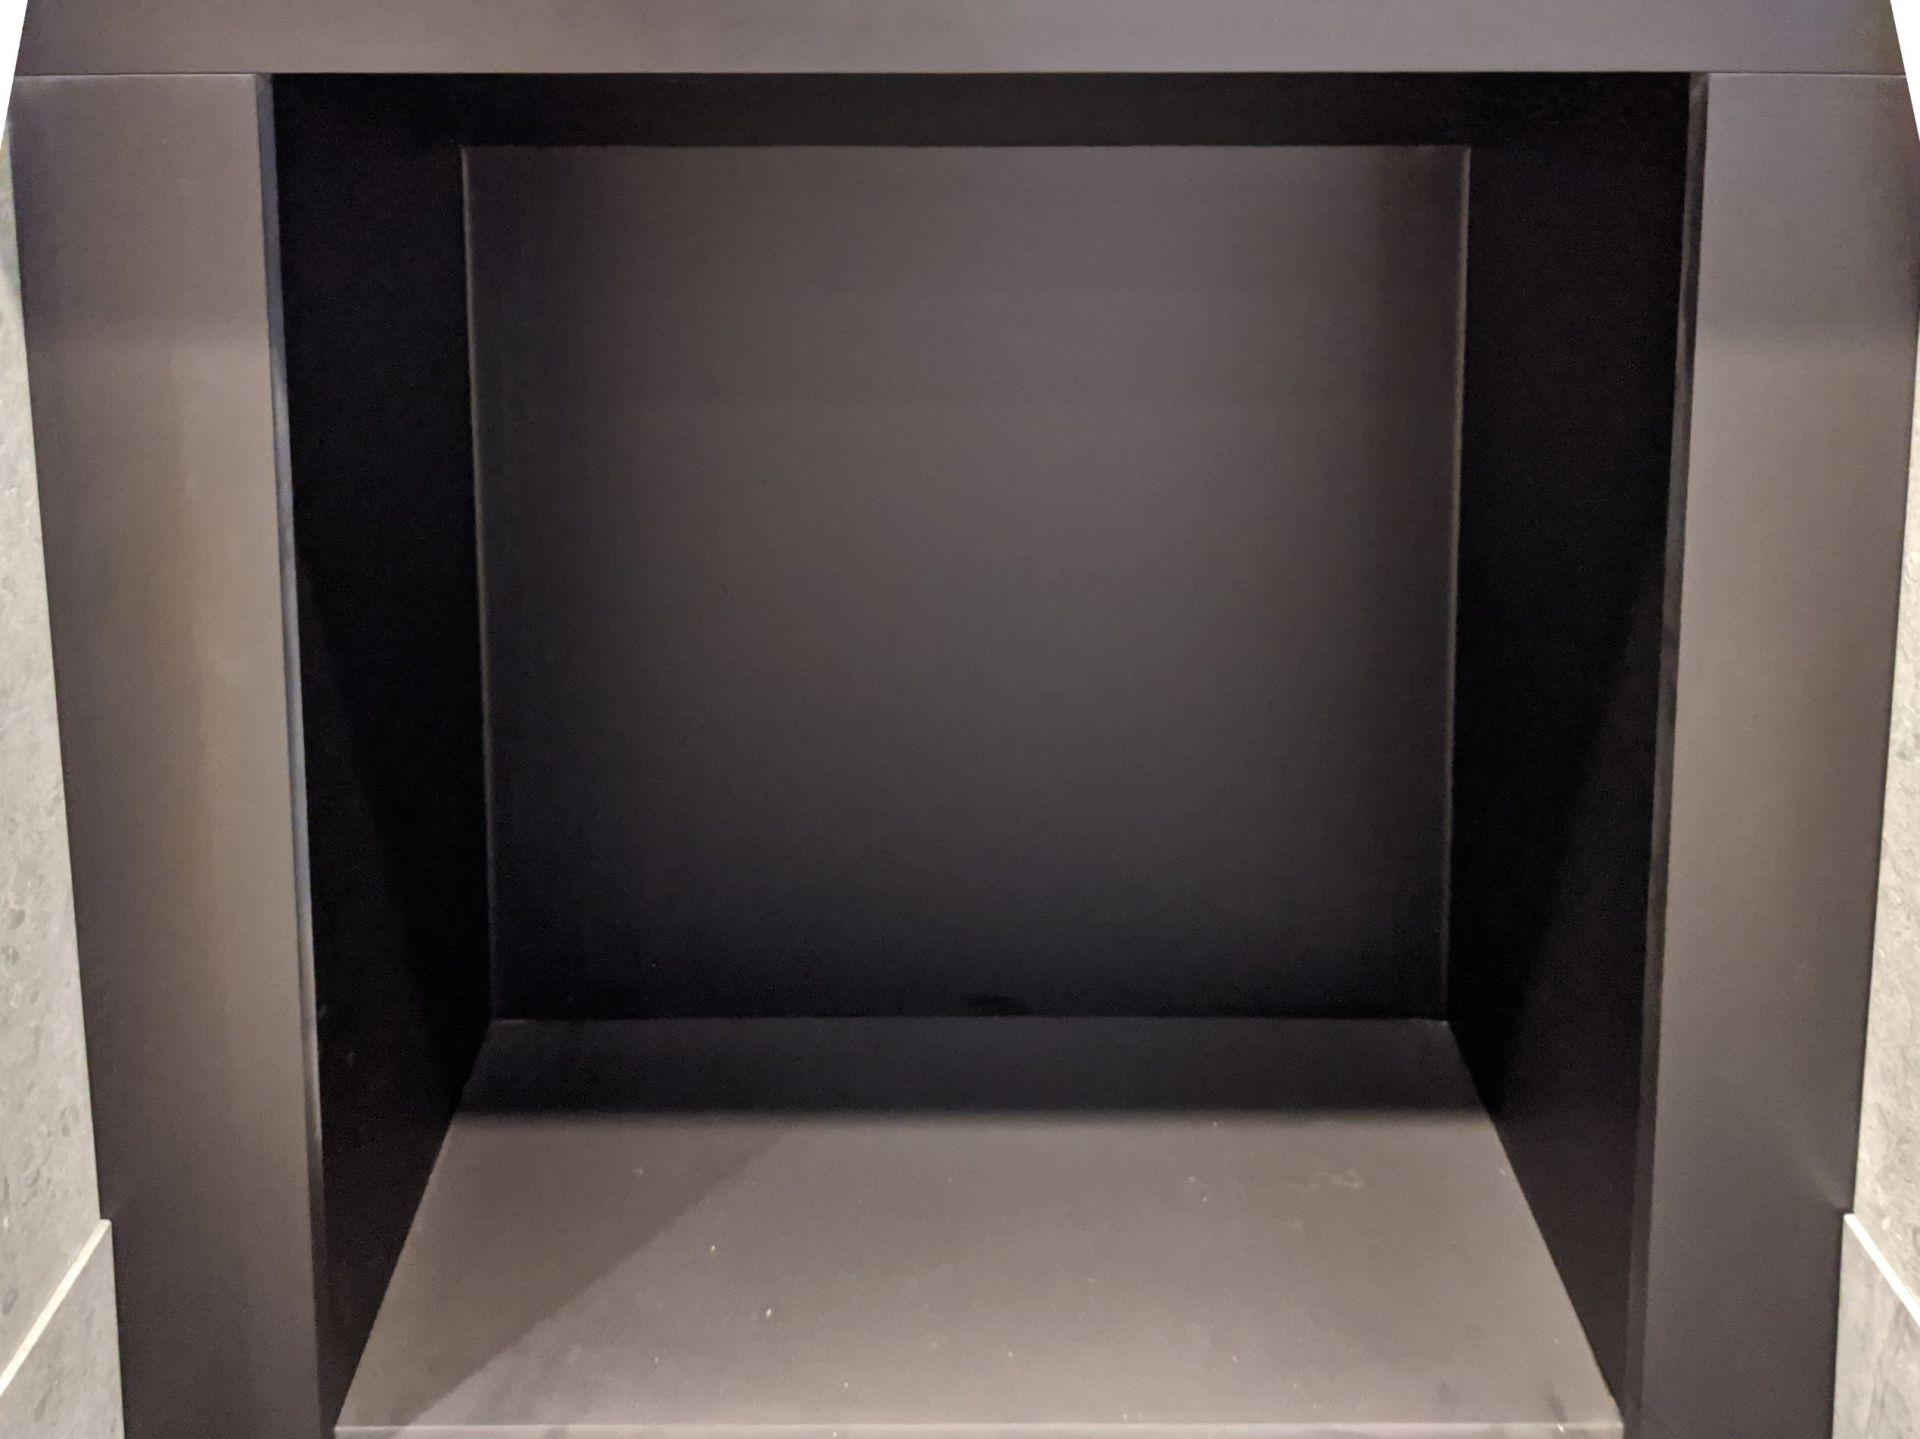 Bespoke Black Steel Fire Chamber